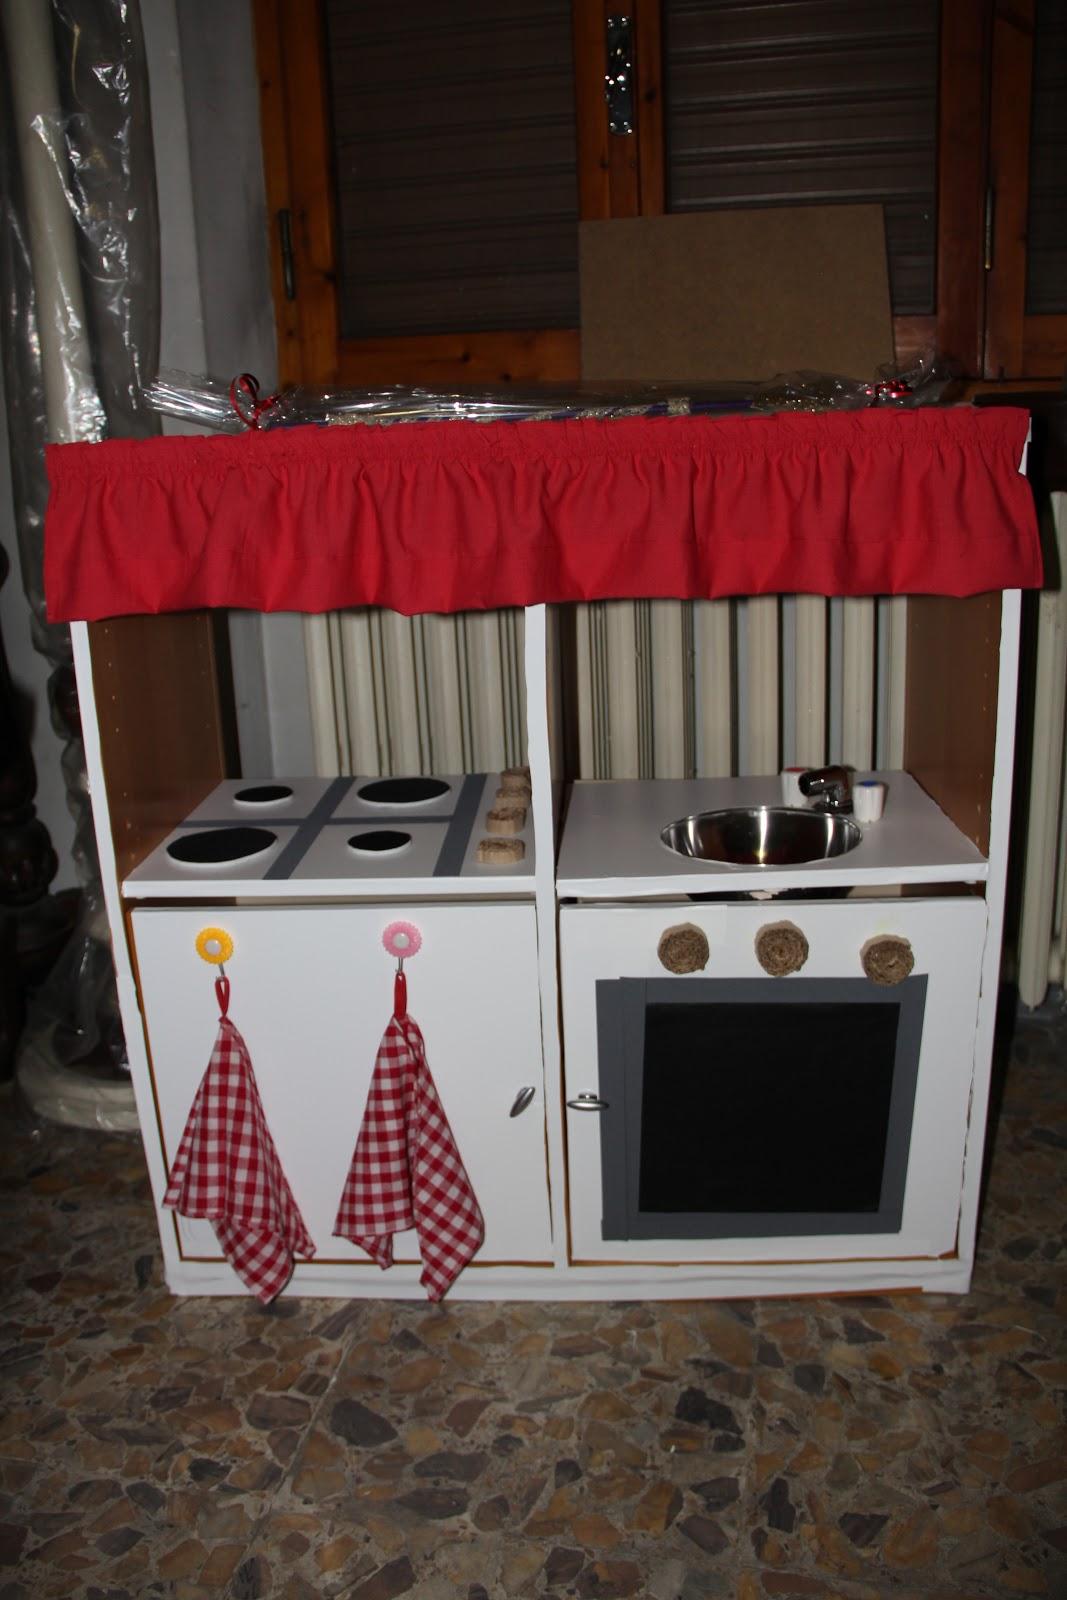 Lavagna a fogli mobili ikea interesting mobili plastica immagine di mobile in plastica per - Lavagna cucina ikea ...